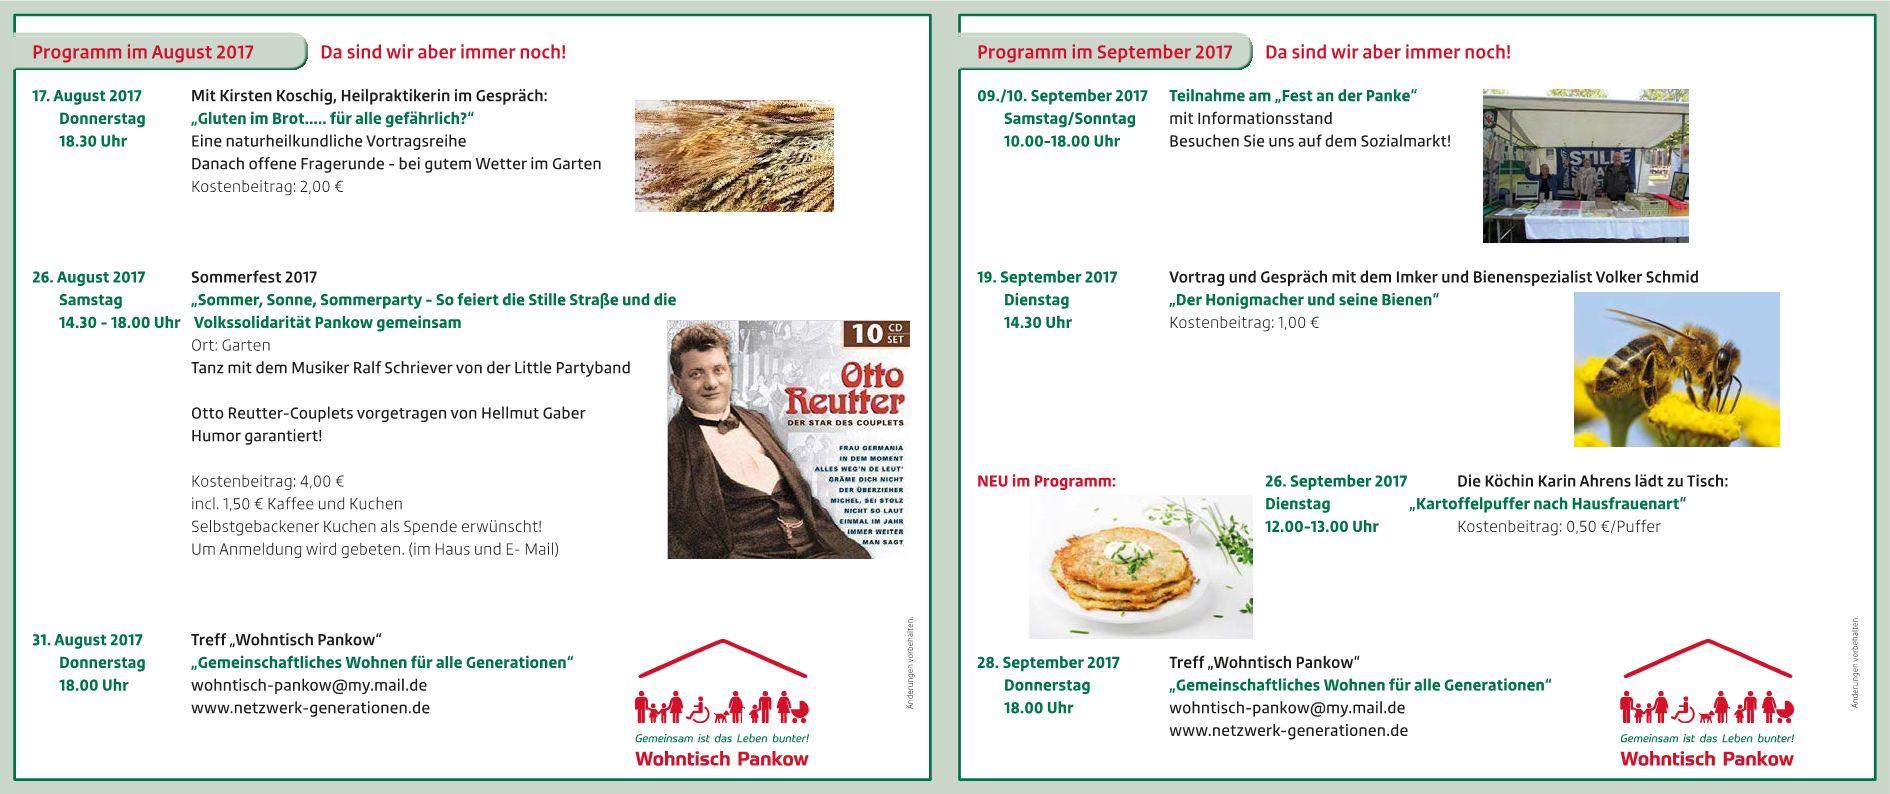 StilleStrasse_Veranst-08-09-2017_2017-07-24_2